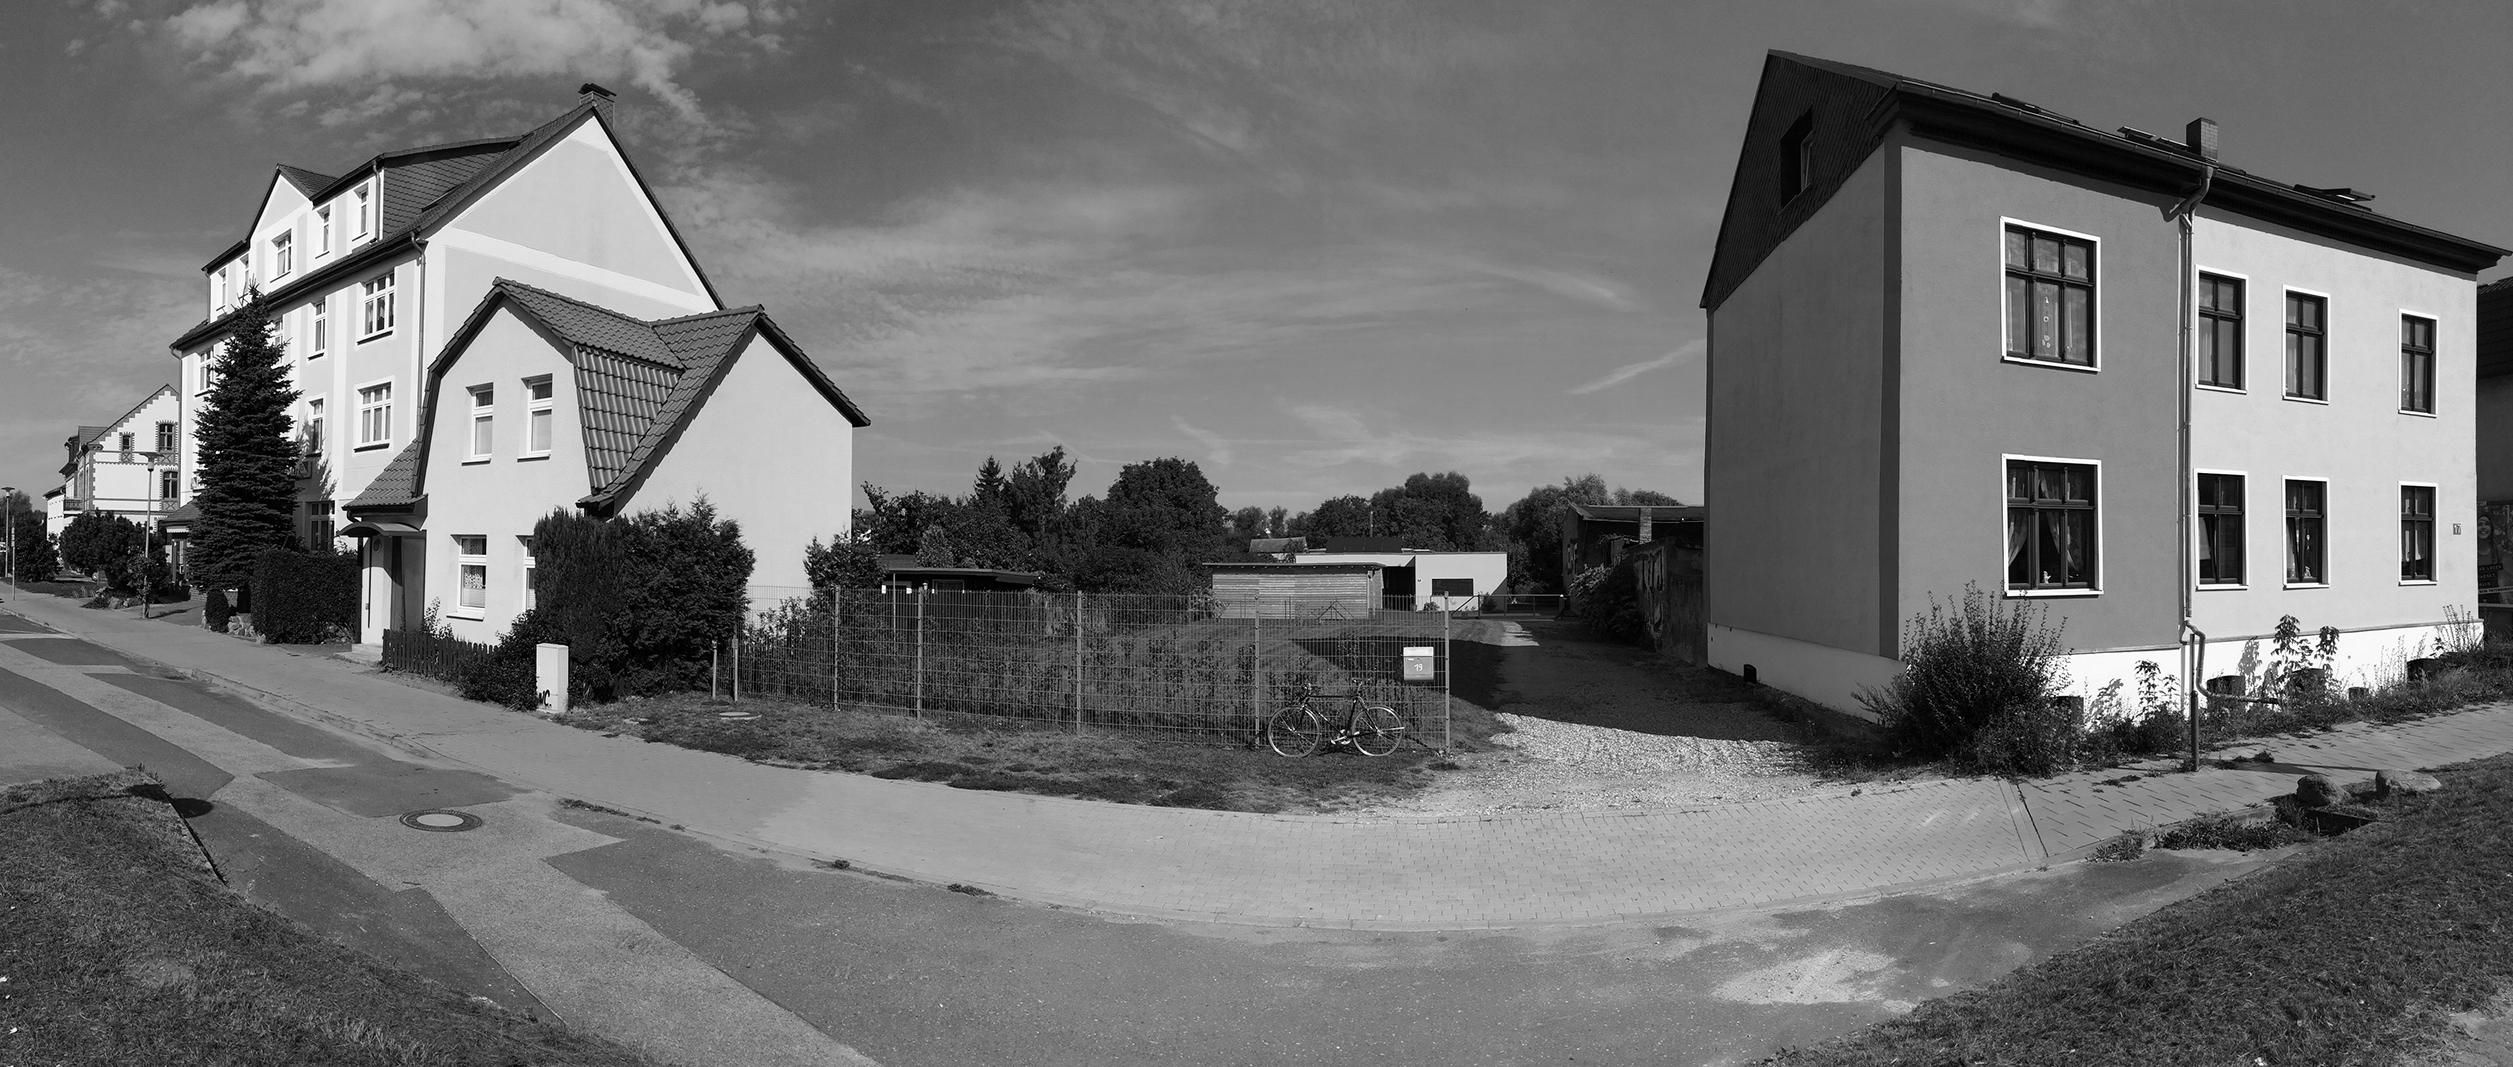 Neubau Wohn und Geschäftshaus, Baugrundstück